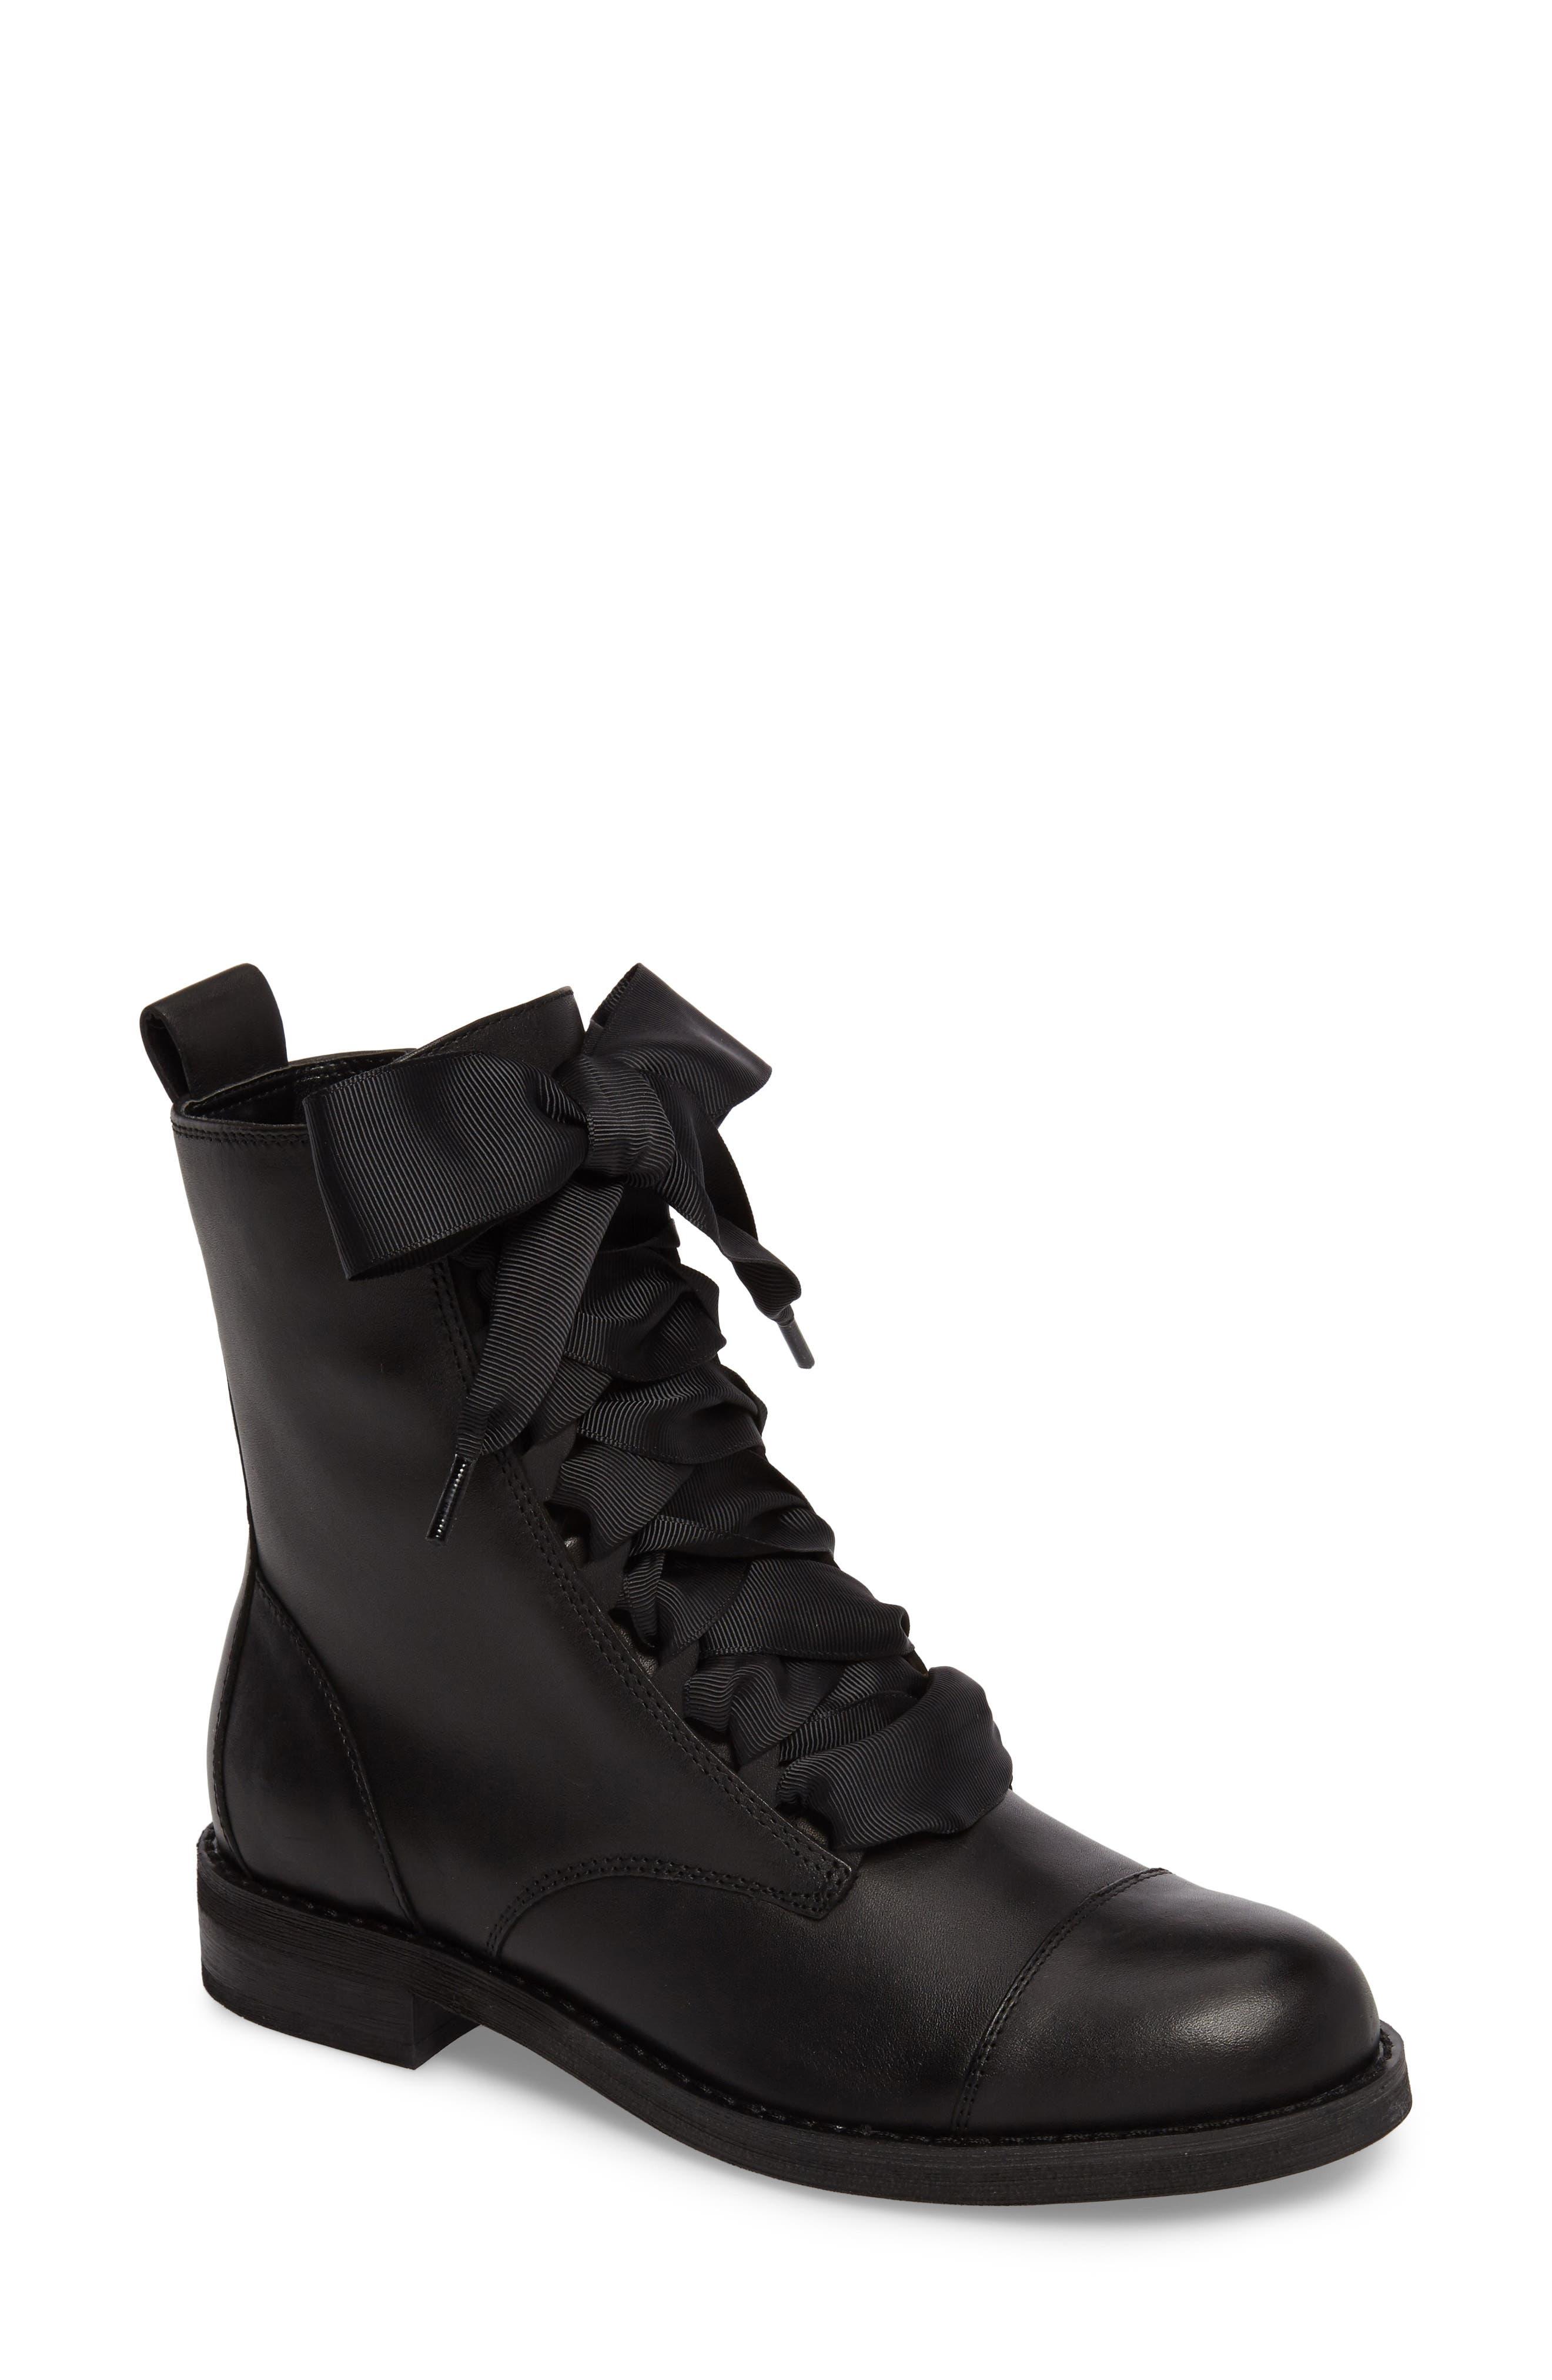 Lex Lace-Up Combat Boot,                             Main thumbnail 1, color,                             Black Leather